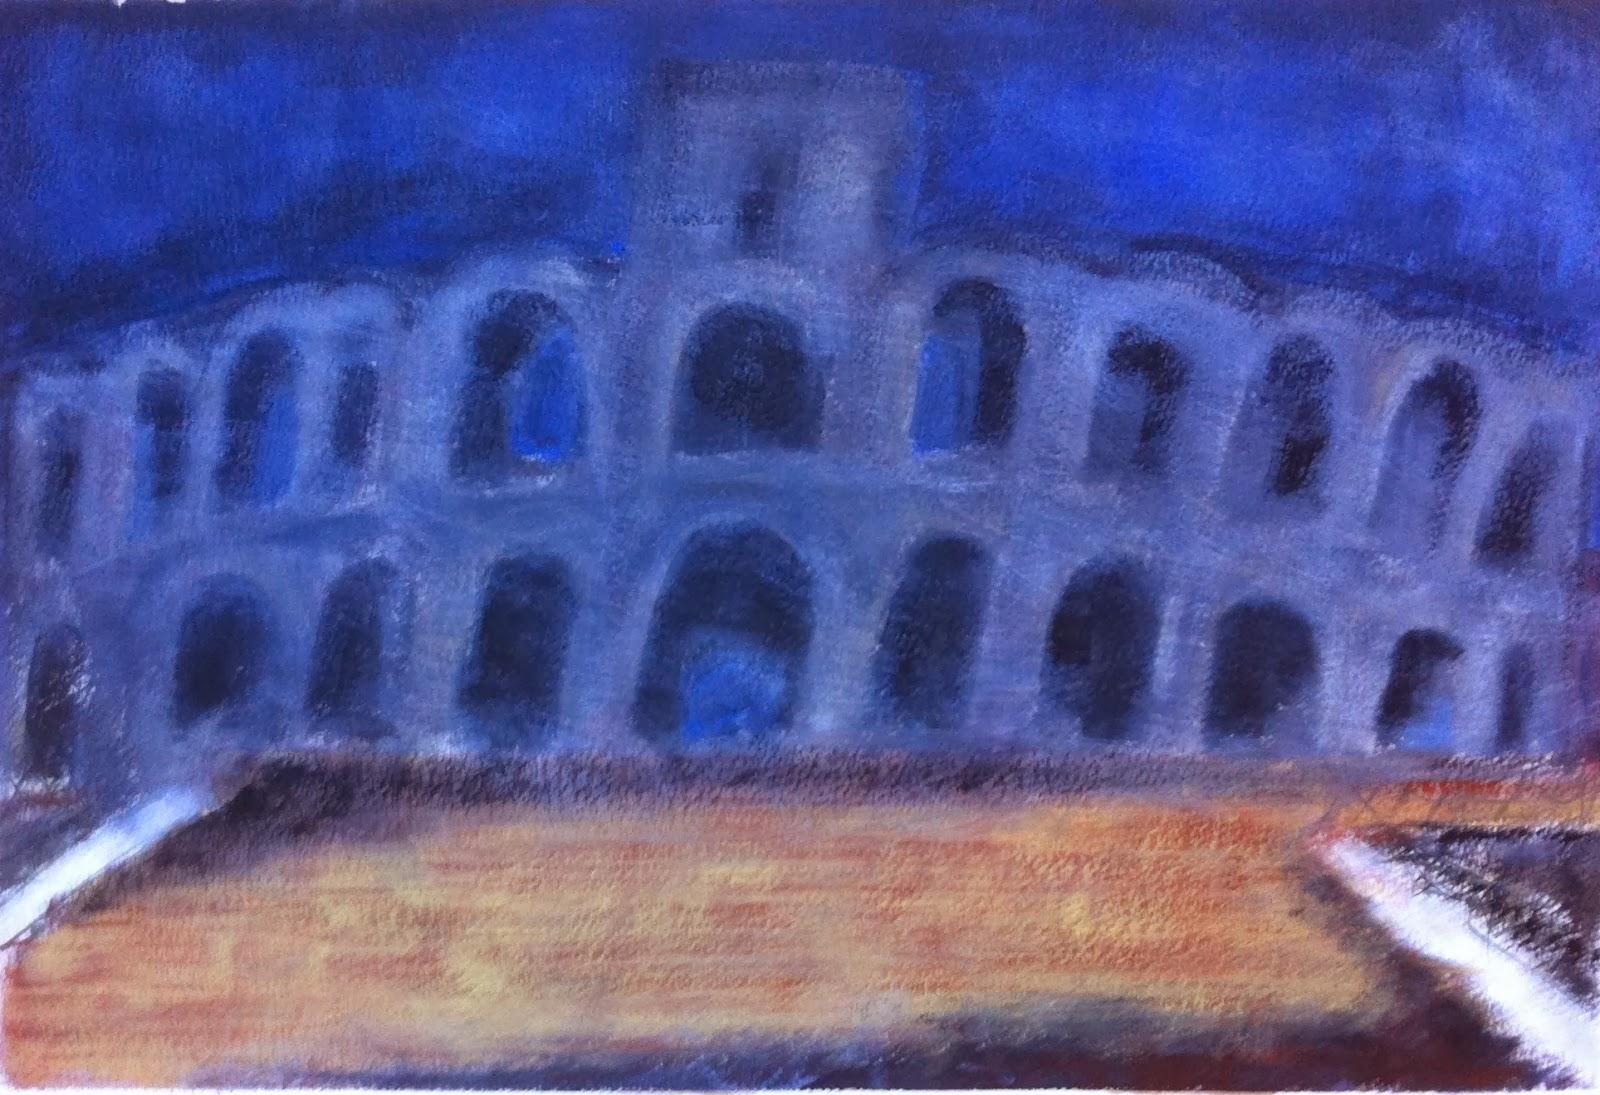 N°691 - Coup de mistral sur les arènes d'Arles - Acrylique sur papier - 36 x 53,5 cm - 8 octobre 2013